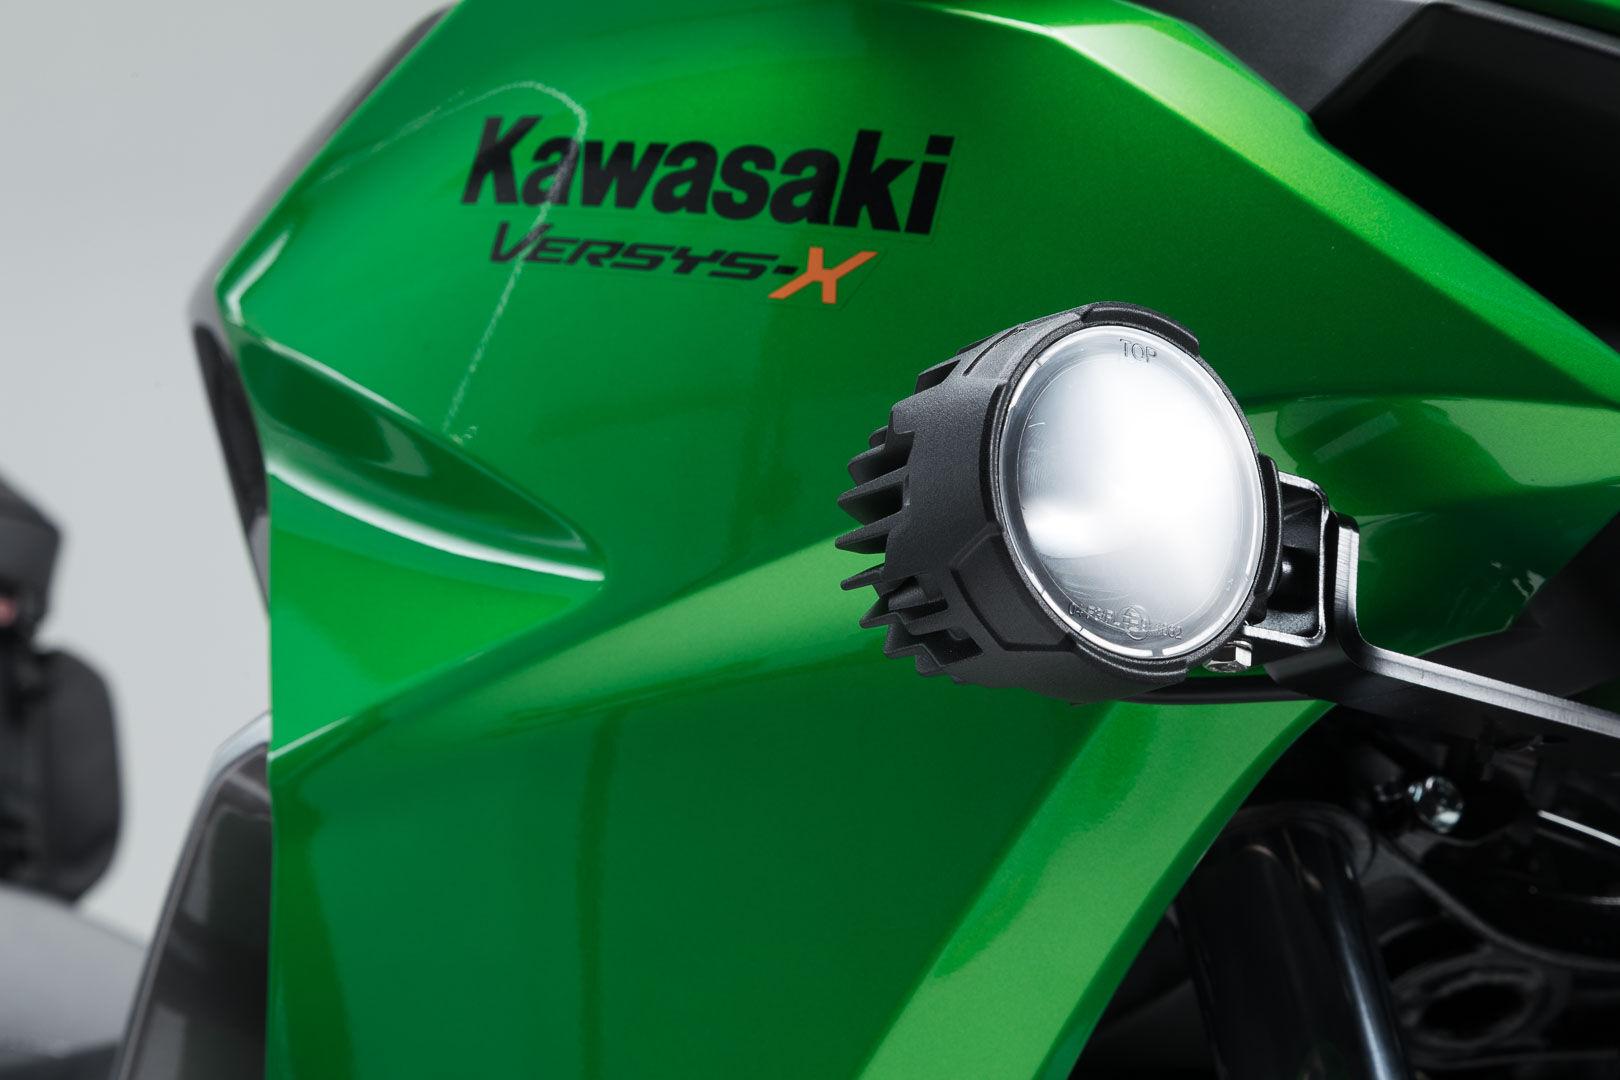 SW-Motech EVO abbaglianti kit nero - Kawasaki Versys-X300 ABS (16-)